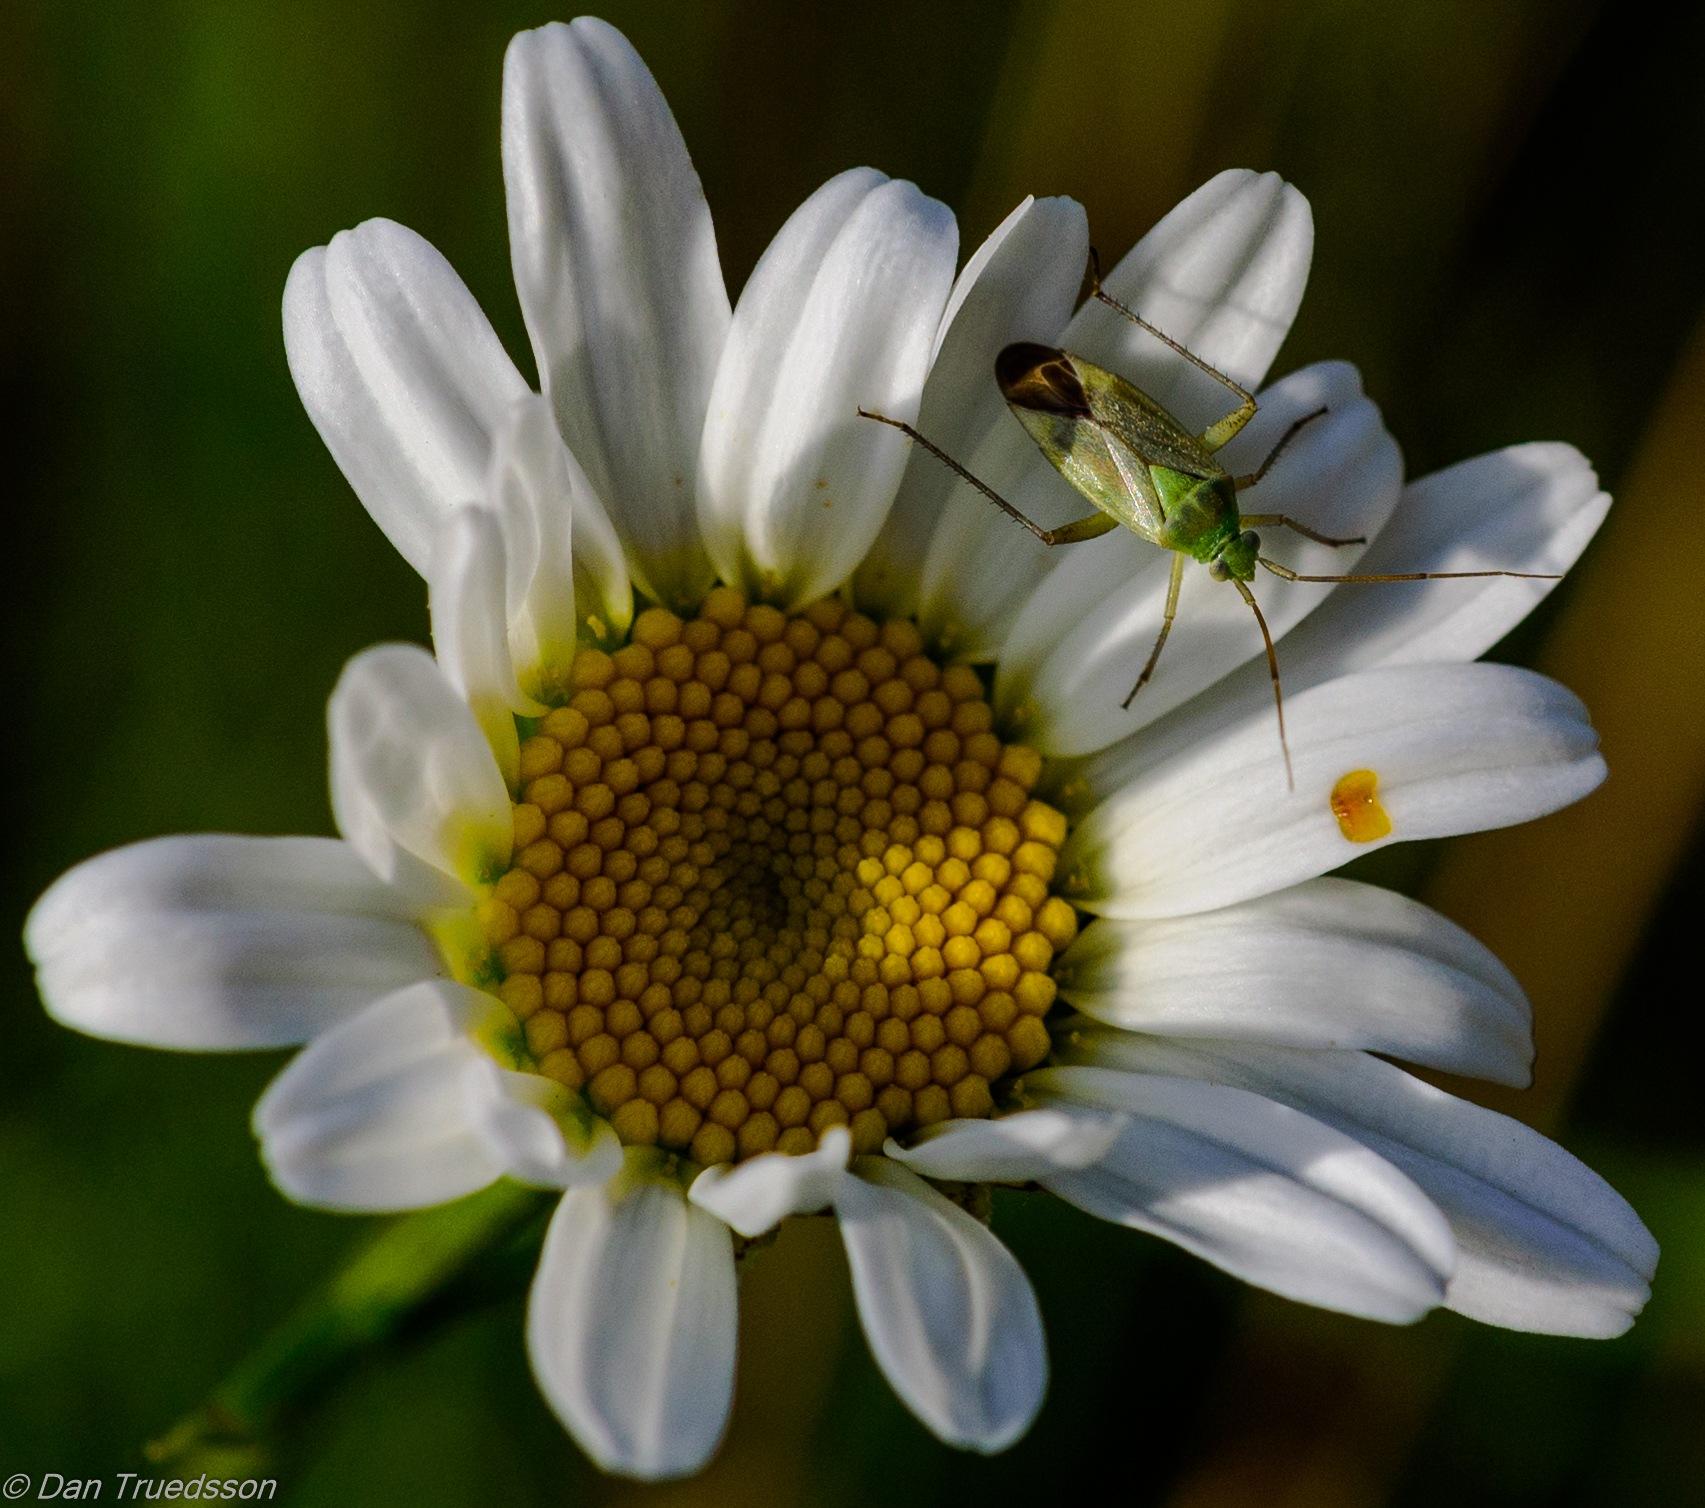 In the garden by Dan Truedsson